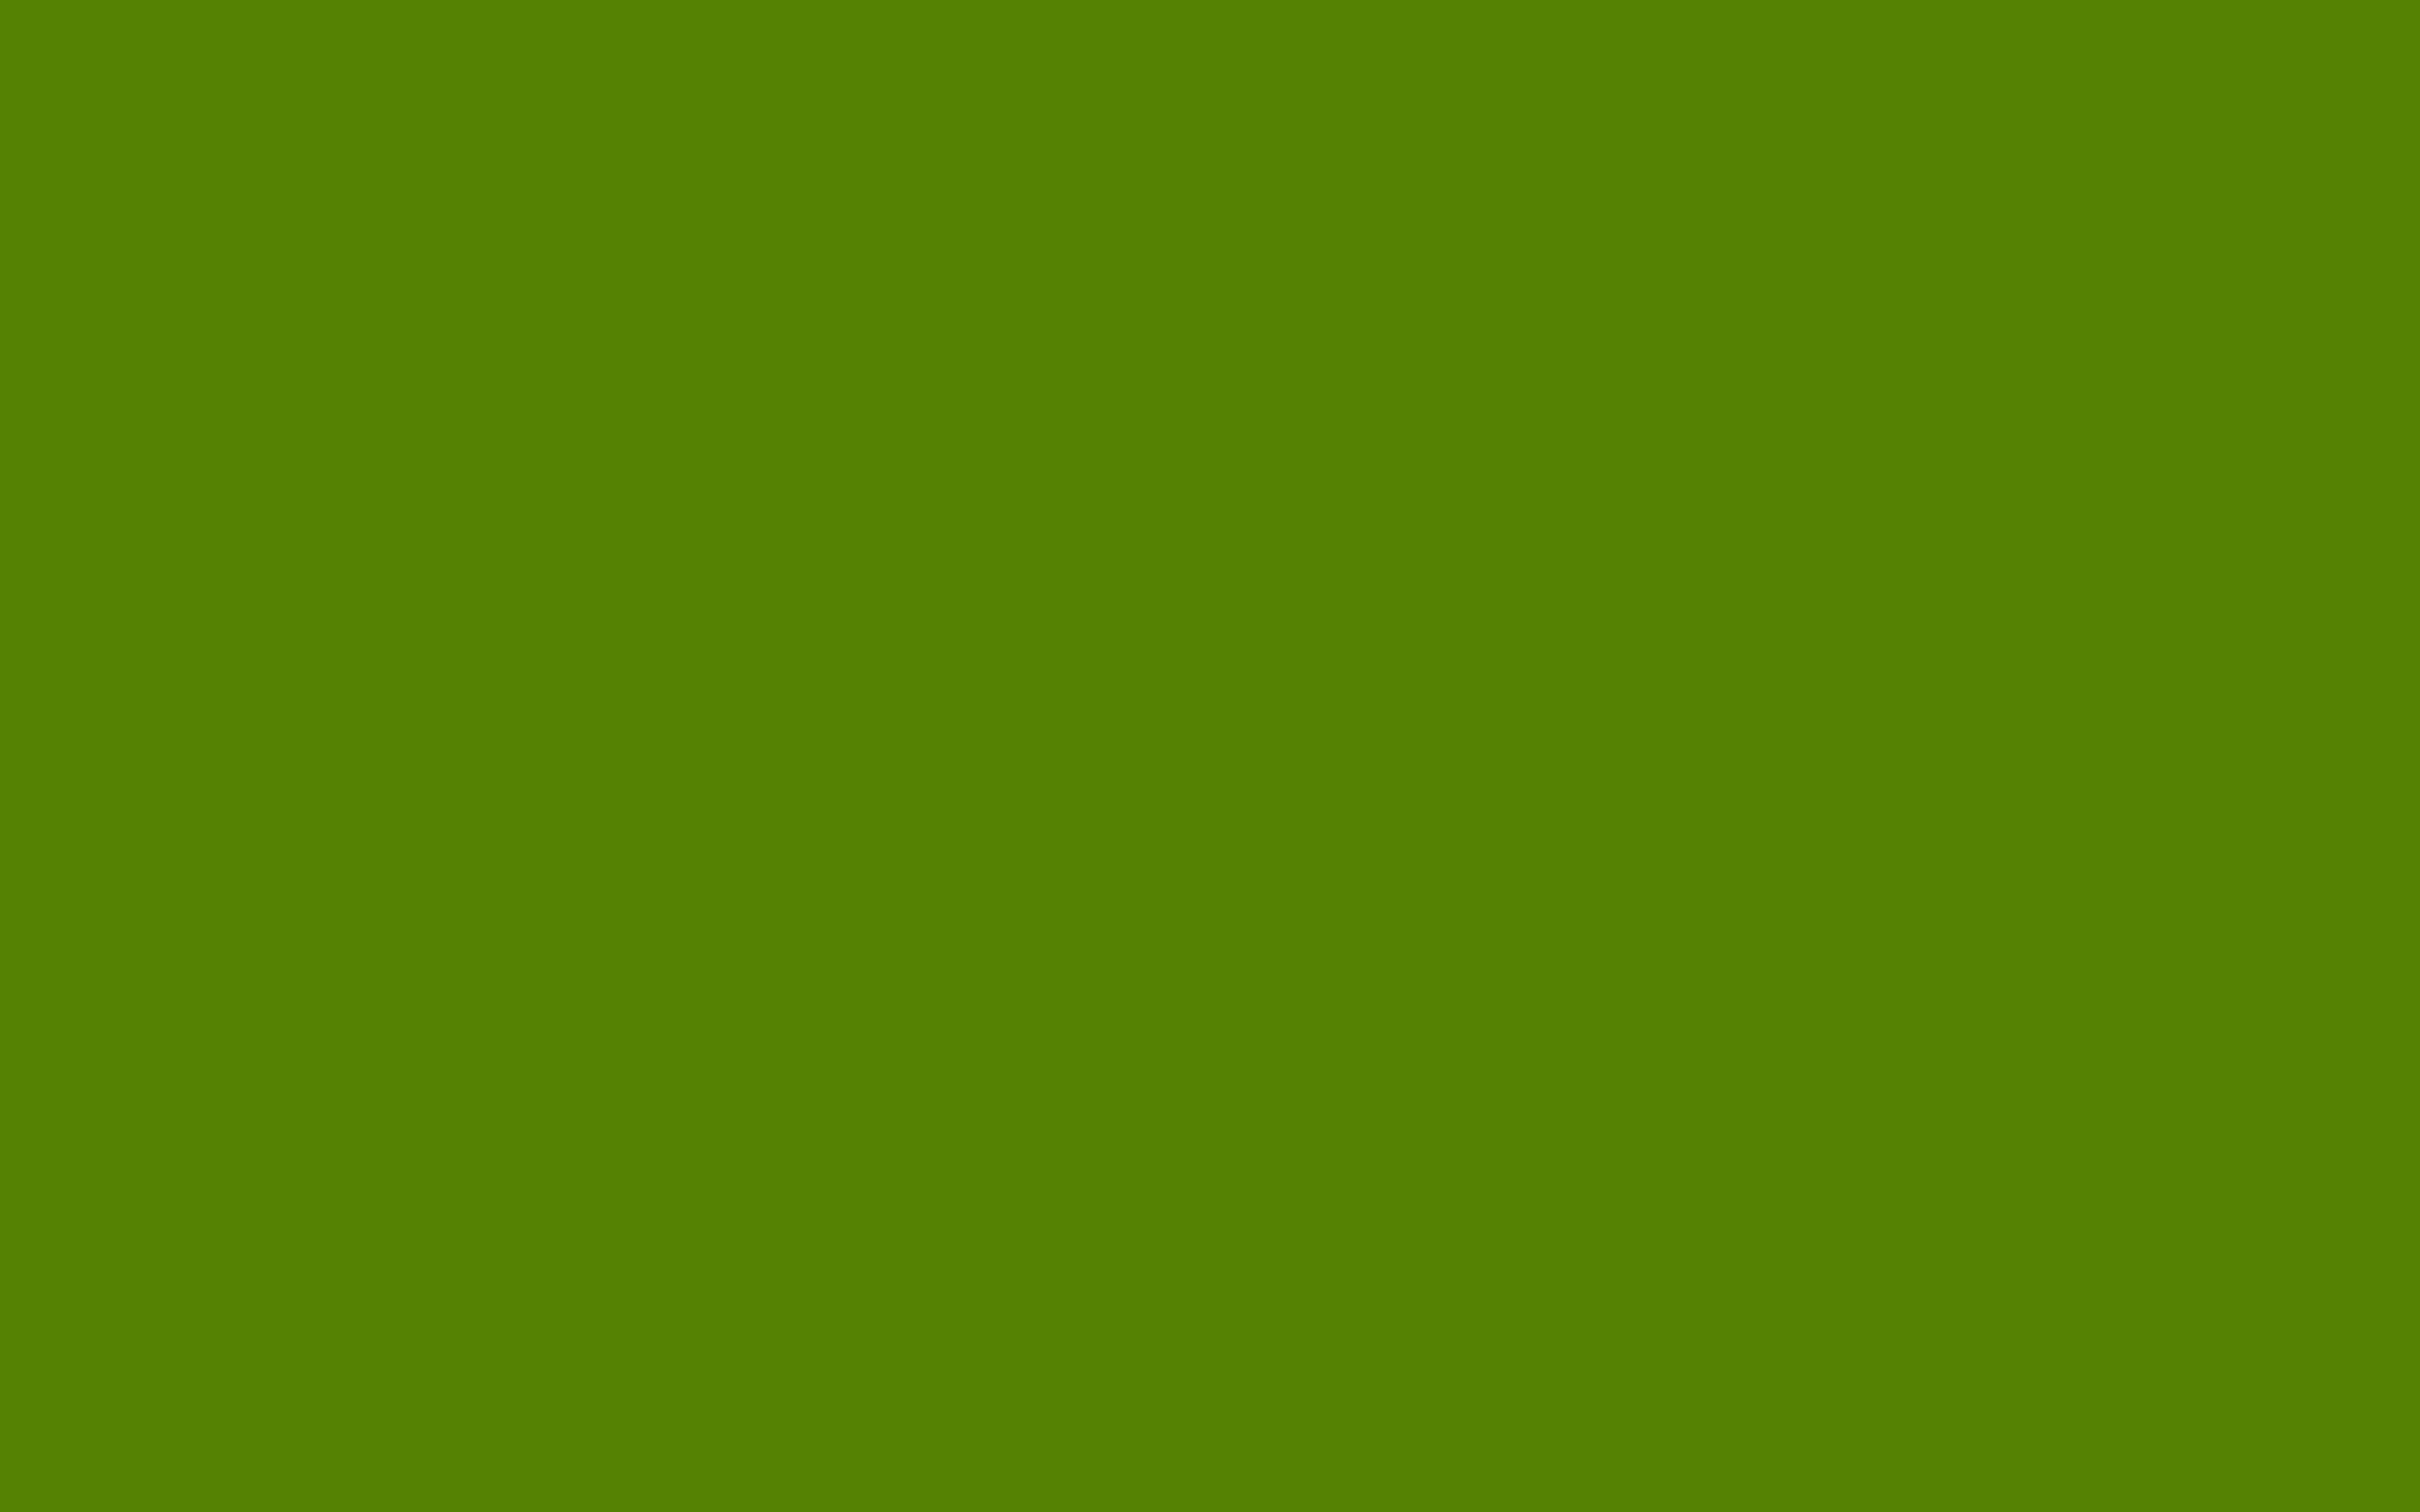 2560x1600 Avocado Solid Color Background